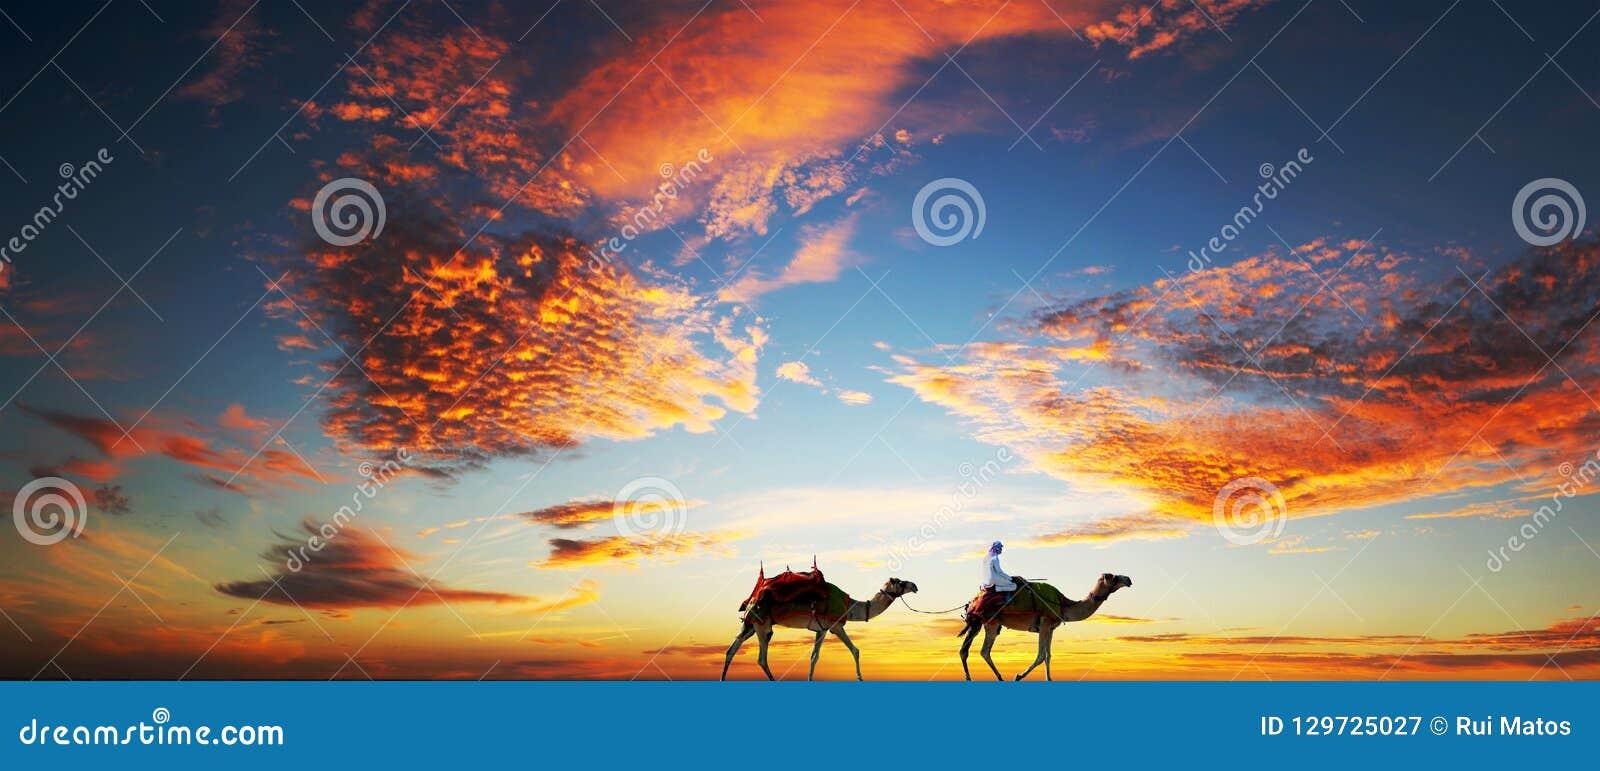 Camellos debajo de un cielo dramático